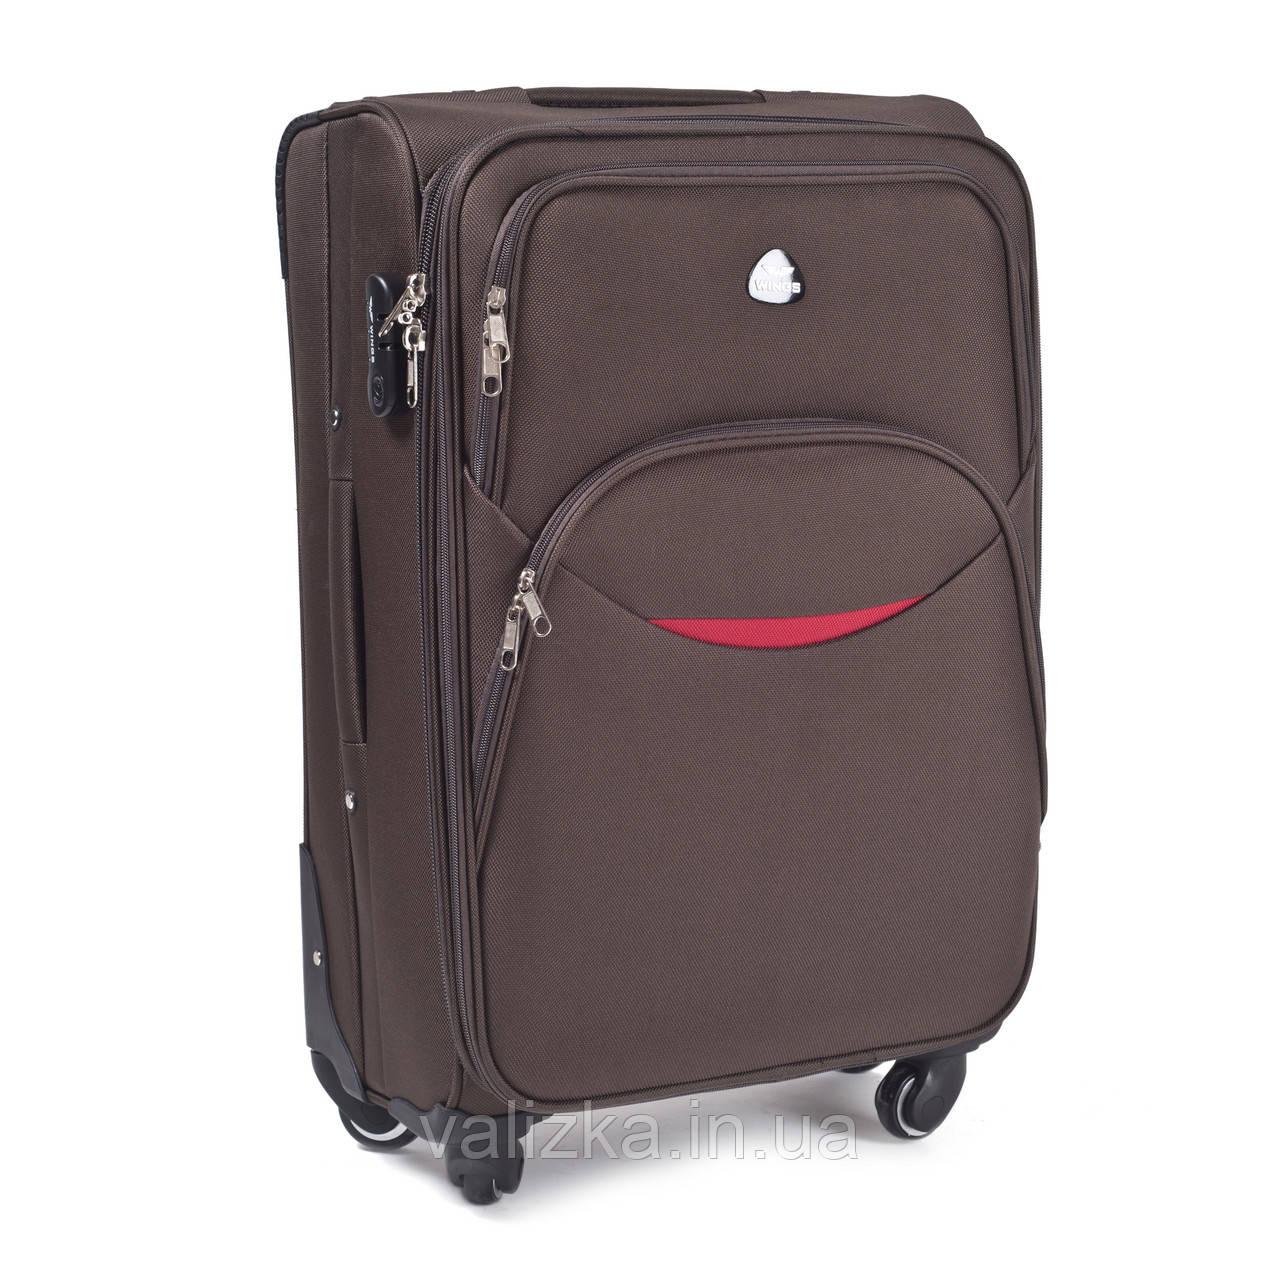 Большой тканевый чемодан коричневый на 4-х колесах Wings 1708